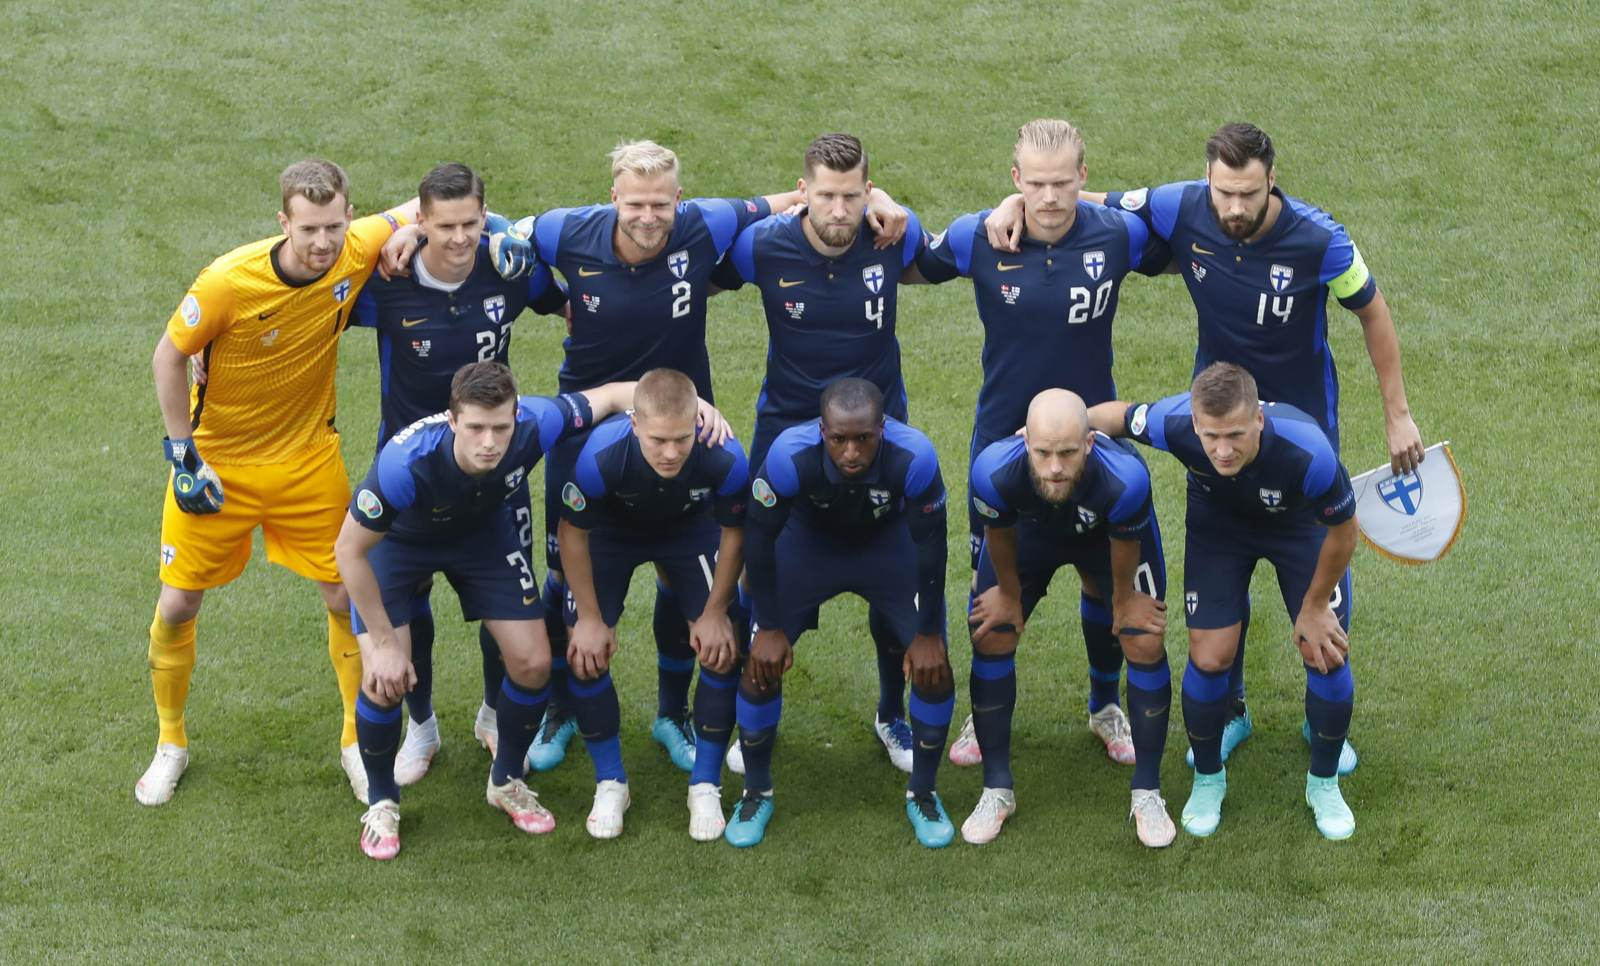 Как-то раз на Евро за Финляндию сыграли англичанин, ирландец, датчанин, русский, голландец, немец и американец